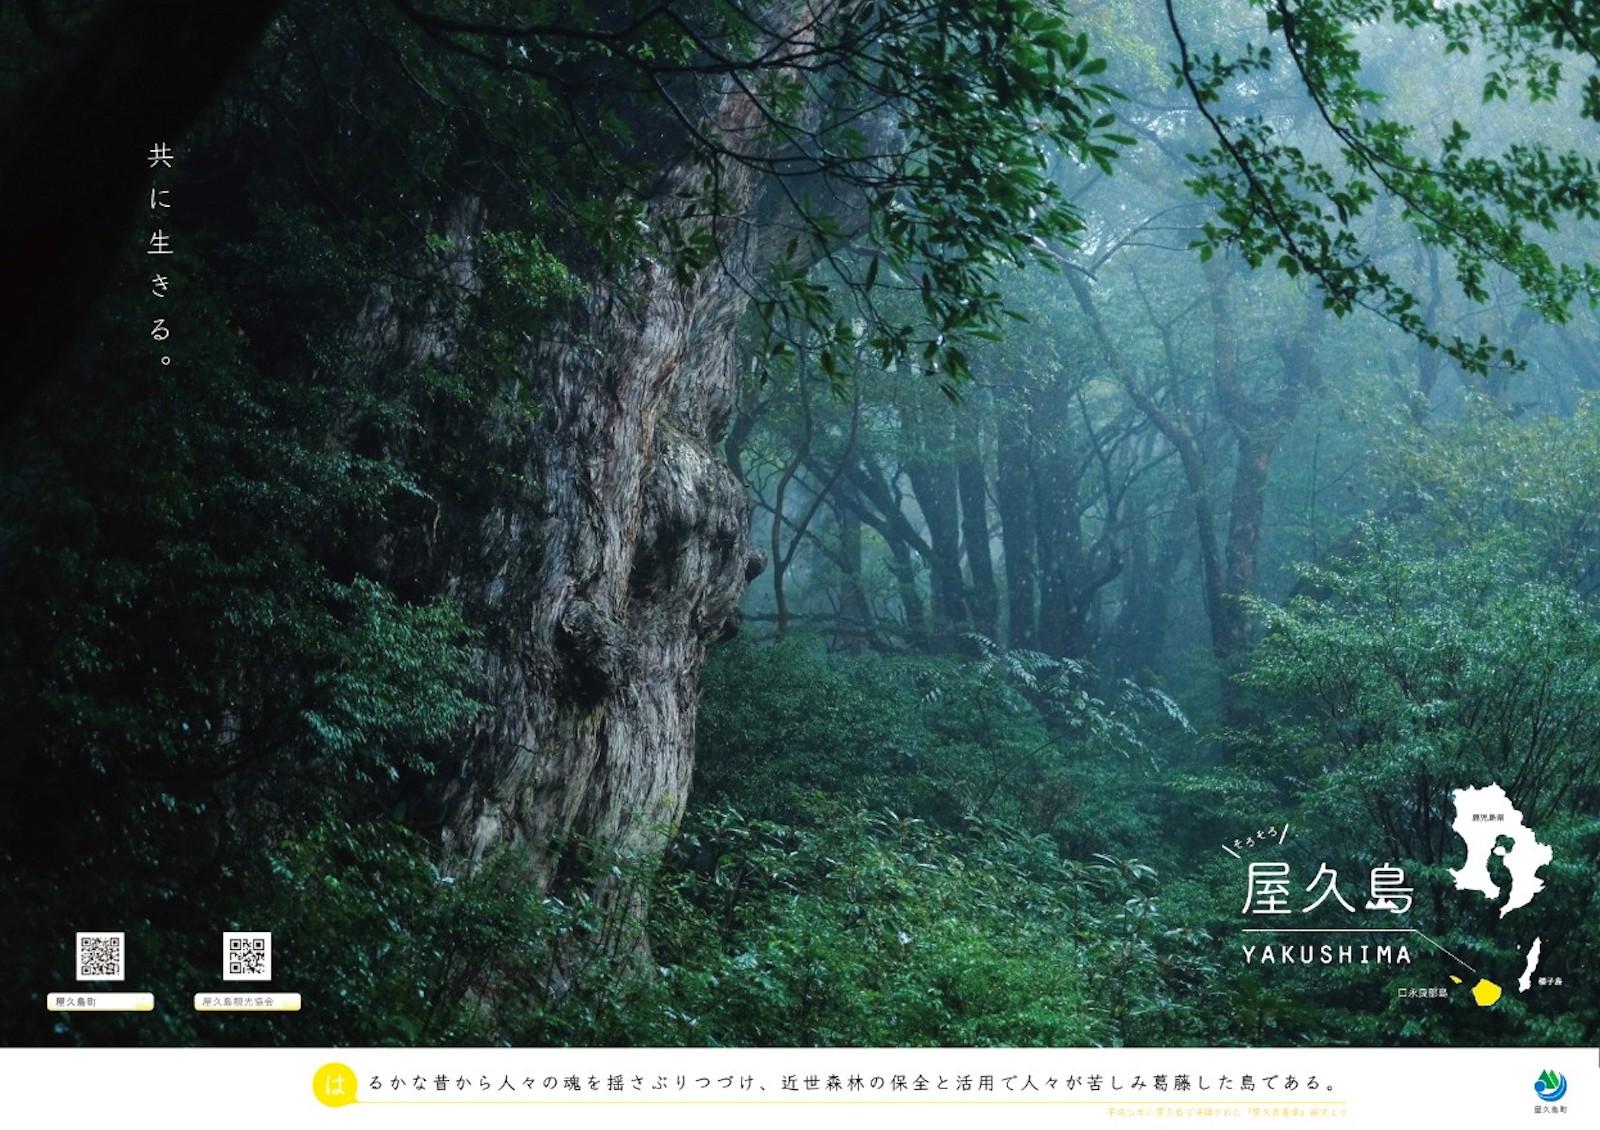 屋久島のシンボル的存在の縄文杉。屋久島町の観光ポスター。